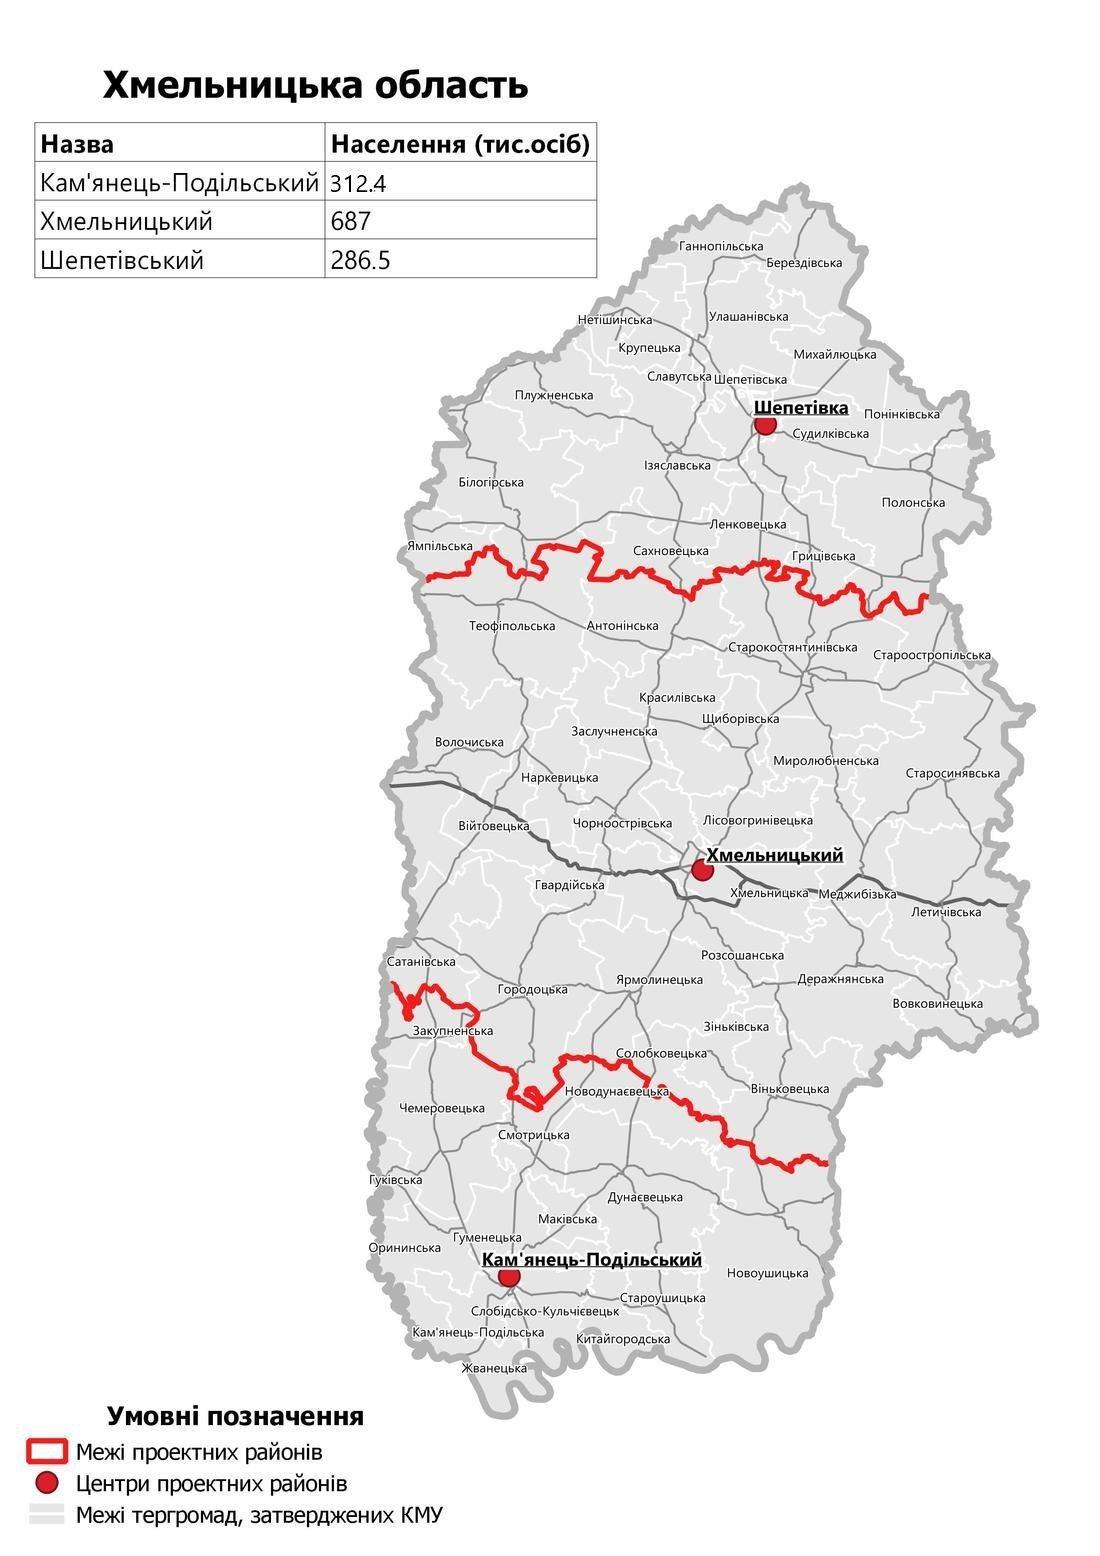 Верховна рада України створила великий Кам'янець-Подільський район, фото-1